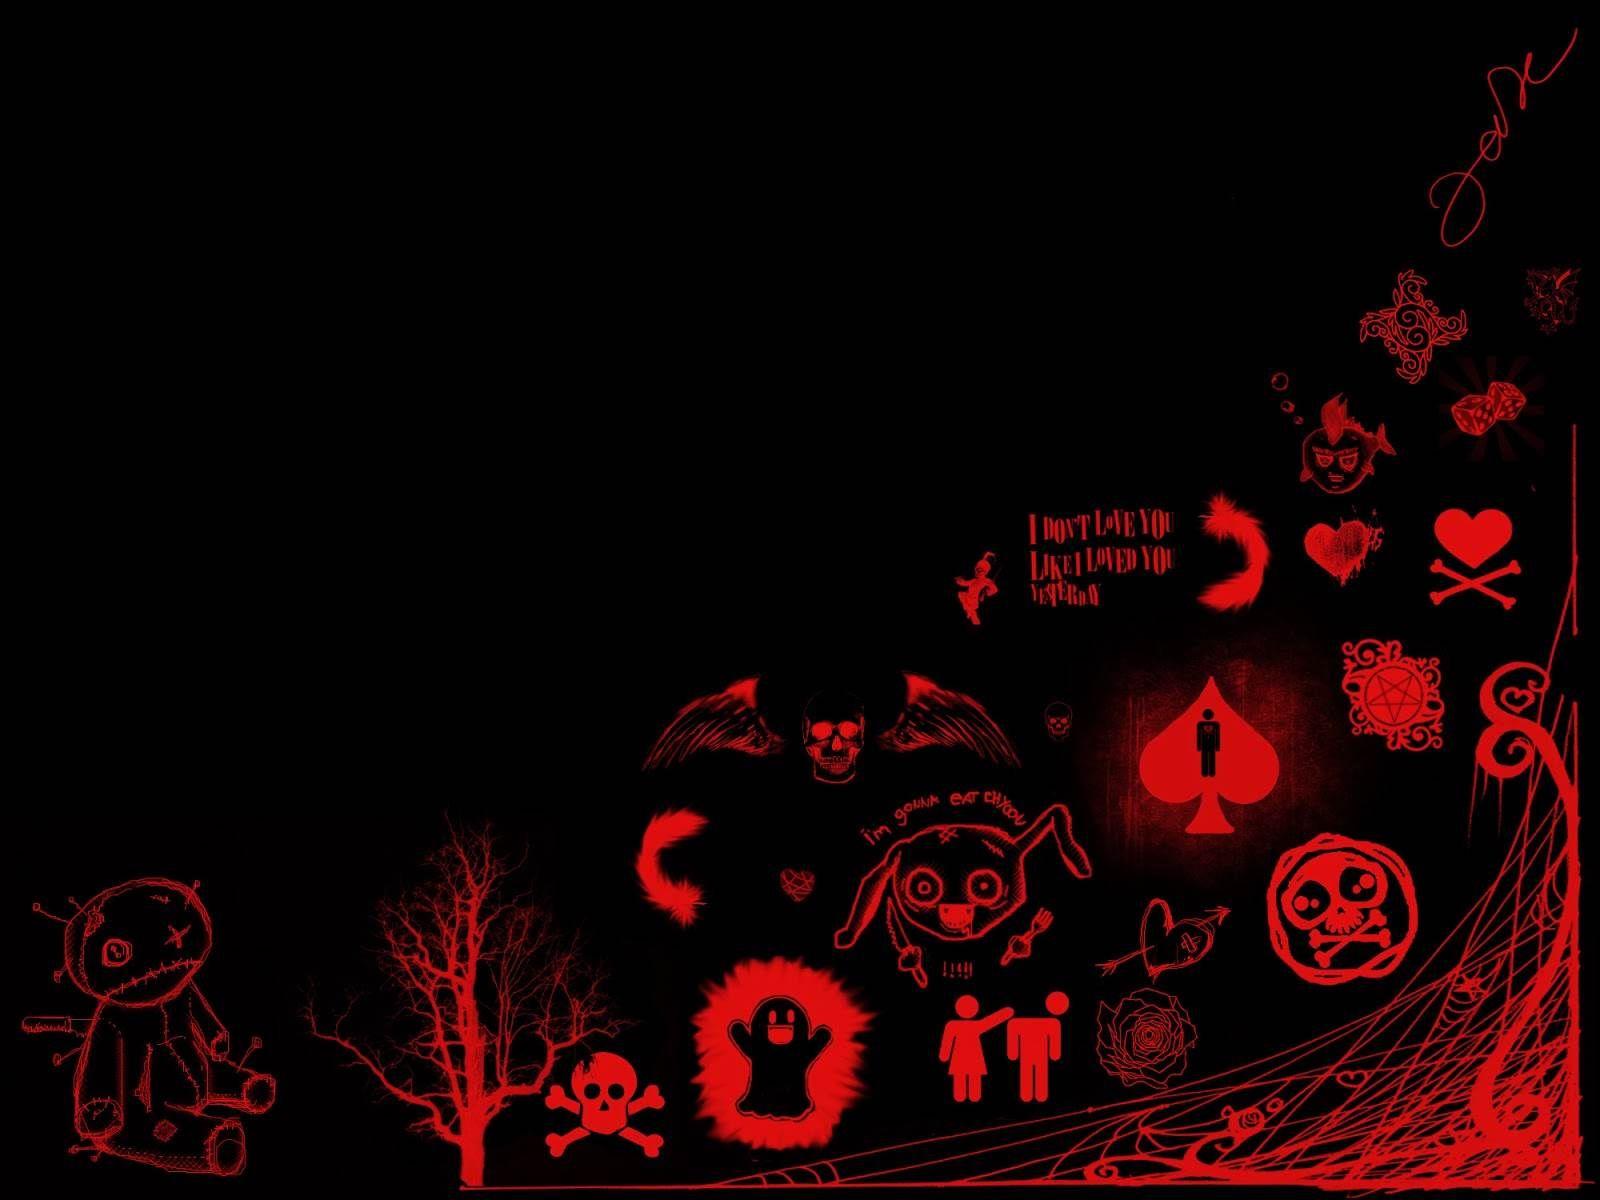 cool skull wallpaper fullscreenwallpaper 1920×1080 Red And